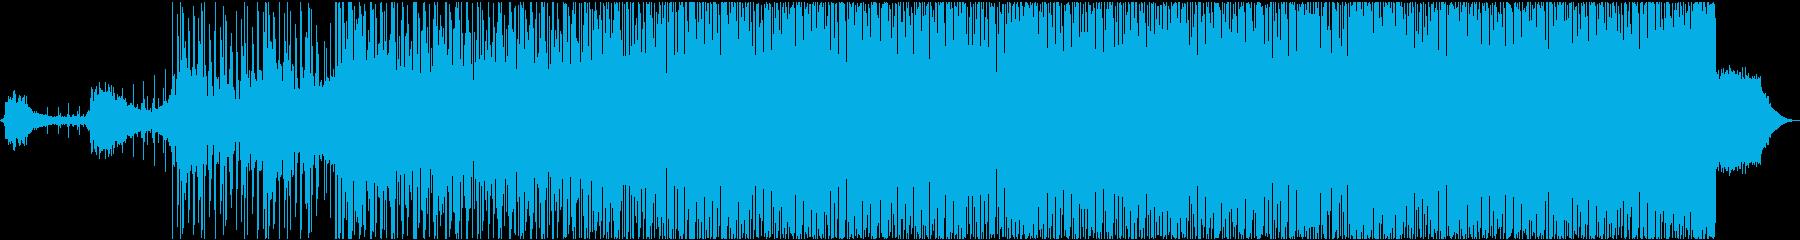 エッジの効いた神秘的電子サウンドの再生済みの波形